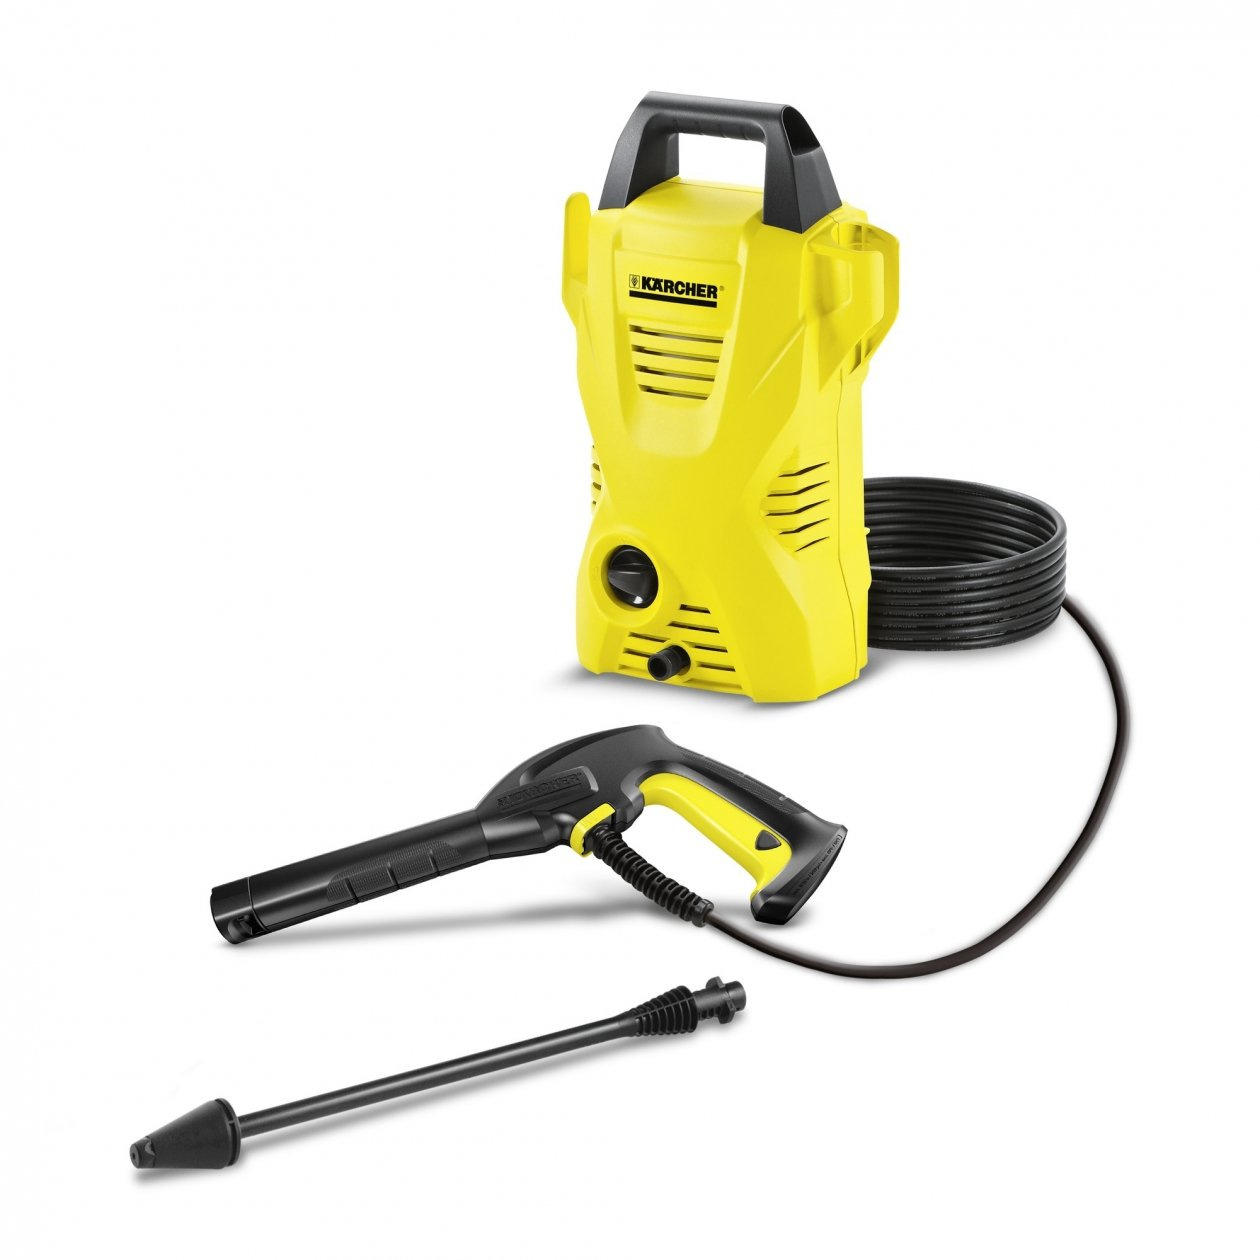 Karcher - Limpiadora a presión K2 Basic 16731500 por solo 56,69€